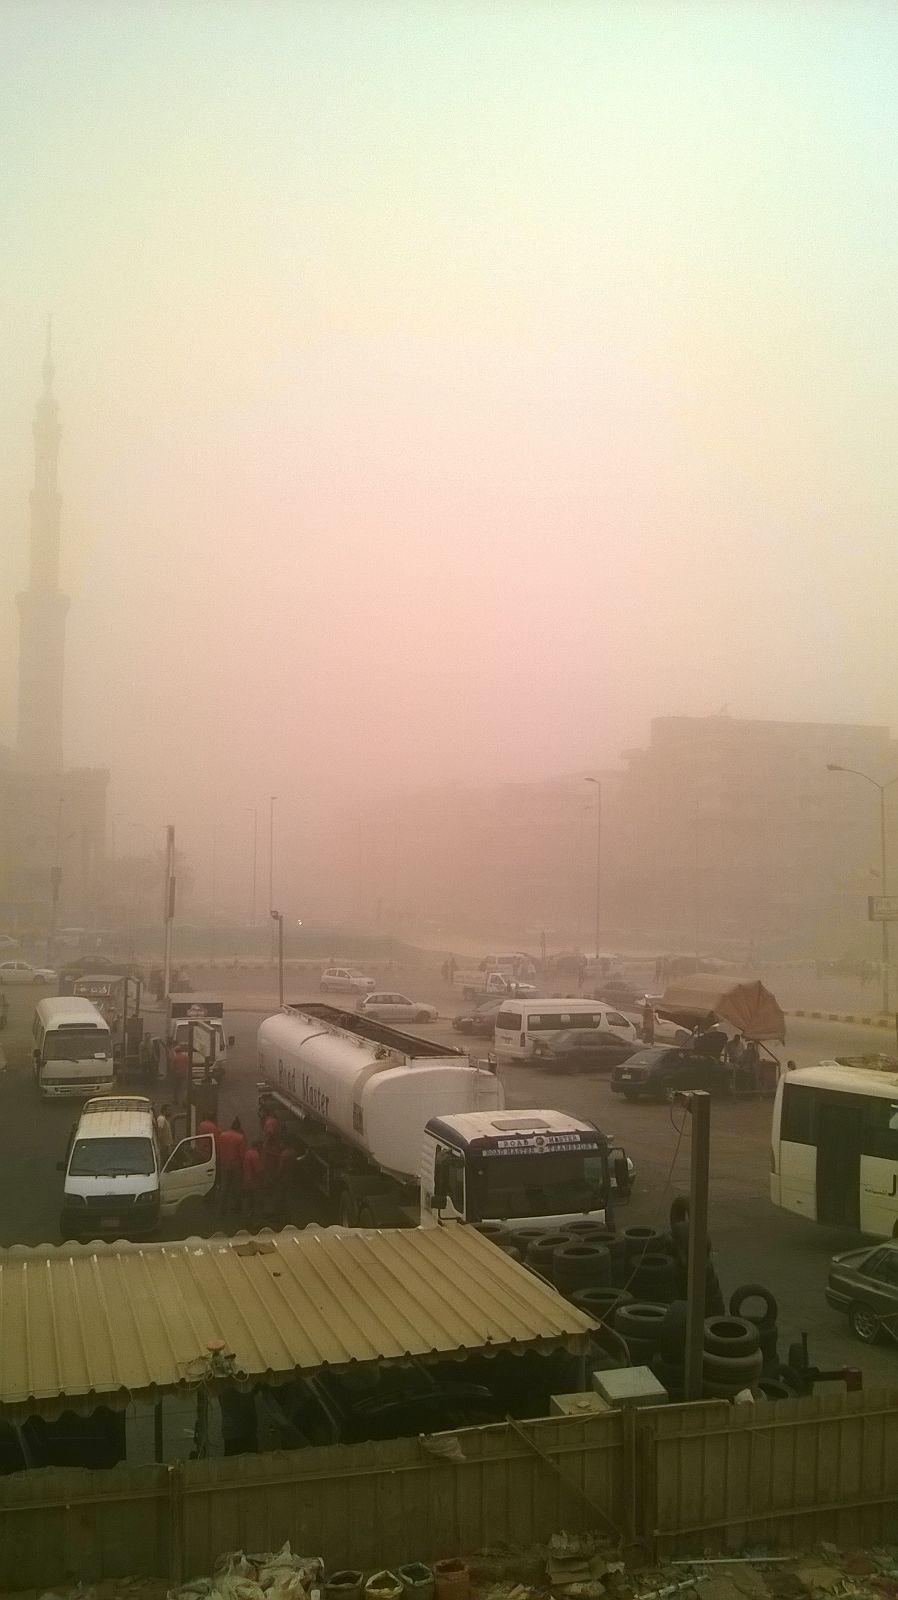 بالصور.. عاصفة ترابية تجتاح مدينة 6 أكتوبر